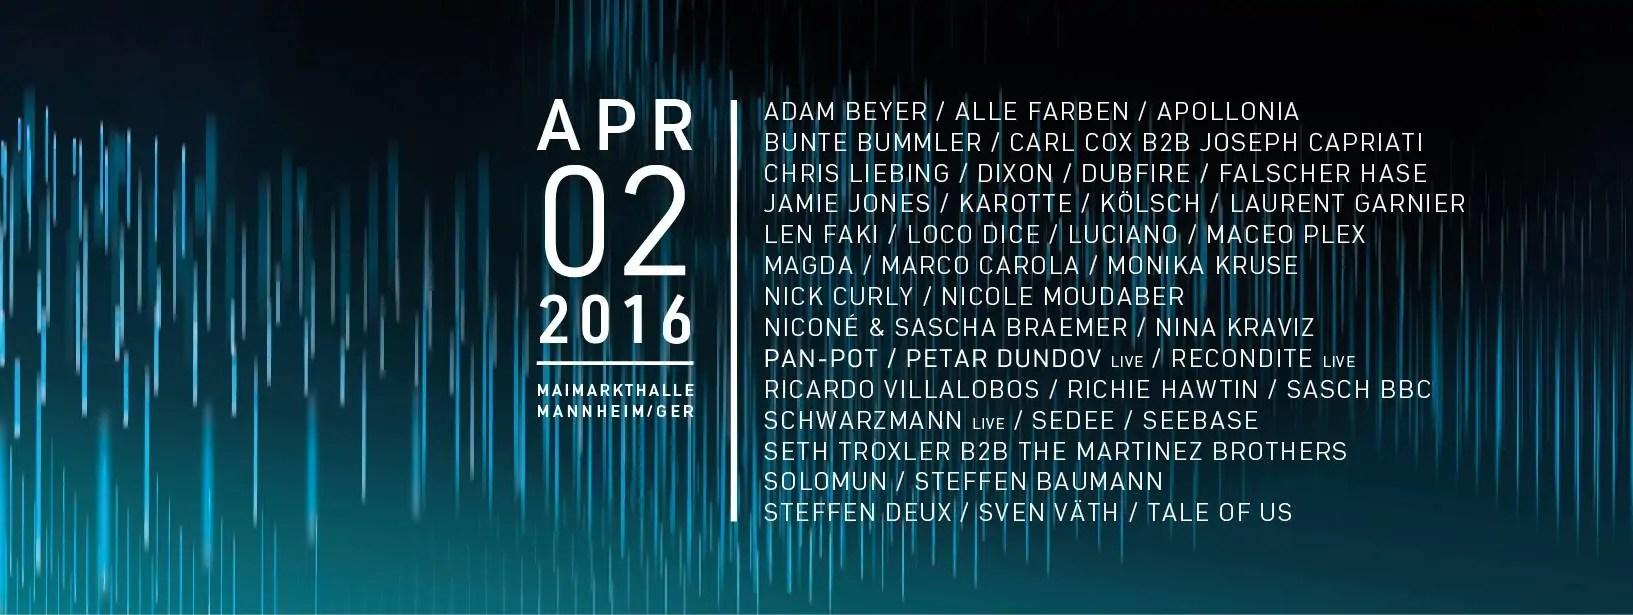 TIME WARP MANNHEIM 2016 GERMANIA 02 04 2016 + PREZZI BIGLIETTI PACCHETTI HOTEL VOLO PULLMAN